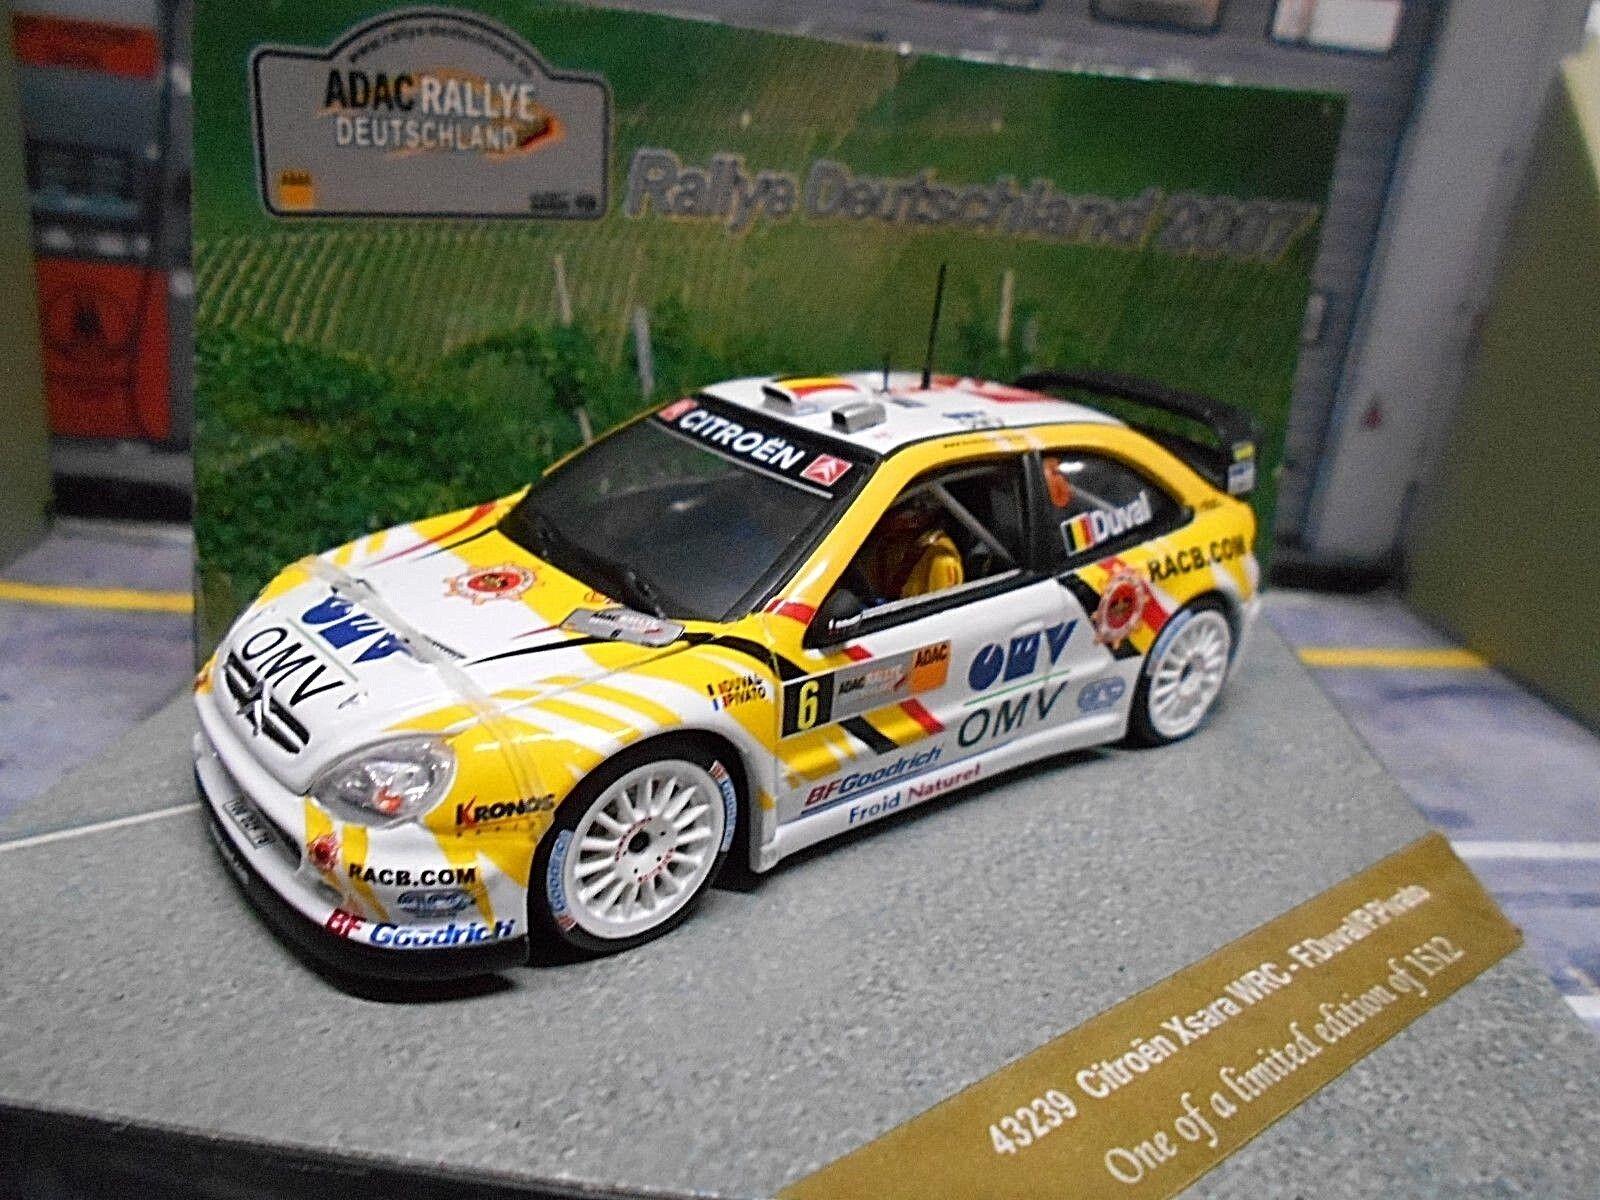 CITROEN XSARA WRC RALLYE ALLEMAGNE 2007  6 Duval OMV Race com VITESSE 1 43